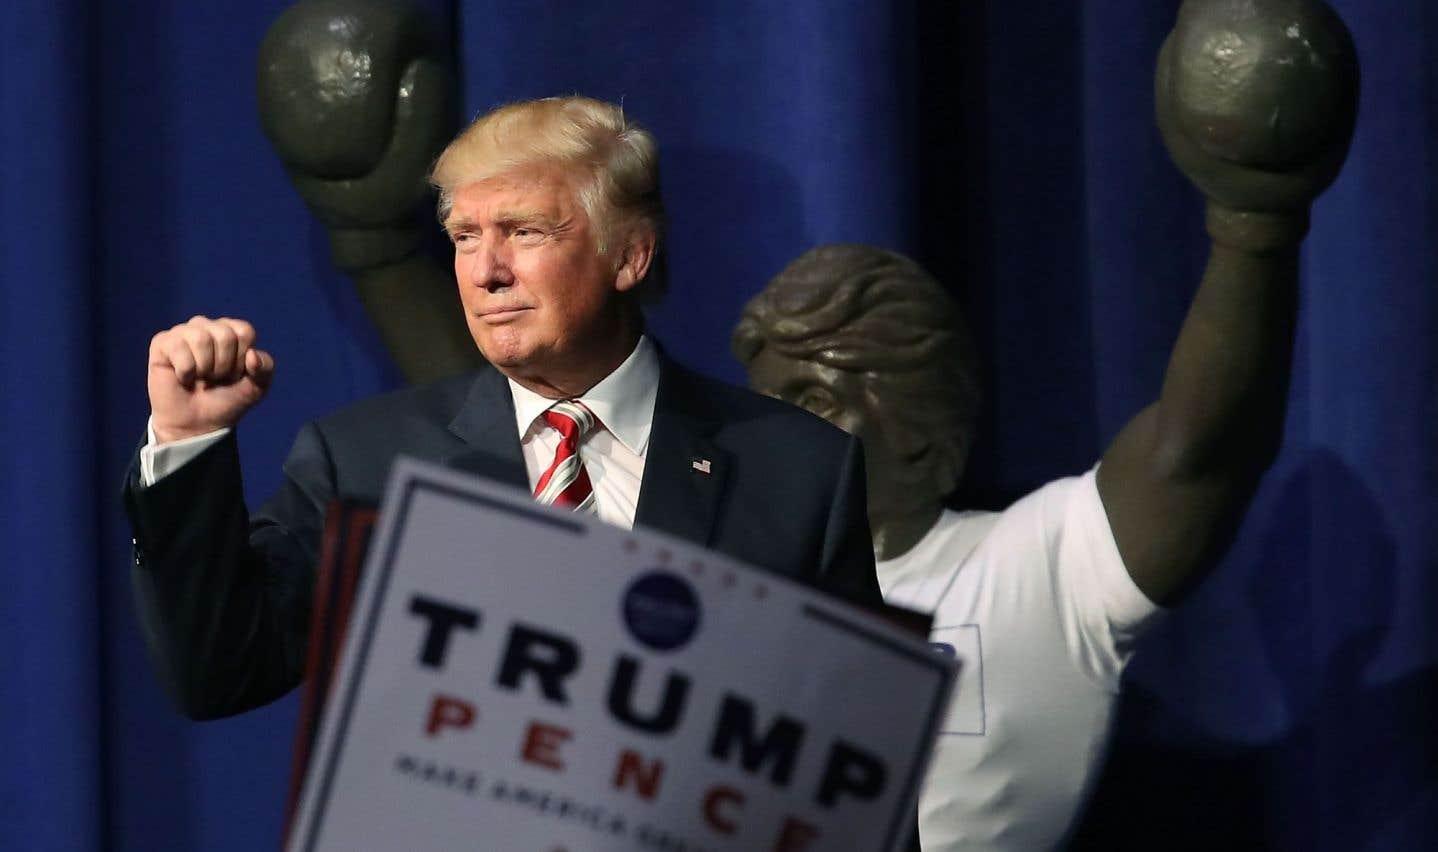 La solution de Trump: «arrêter et fouiller»